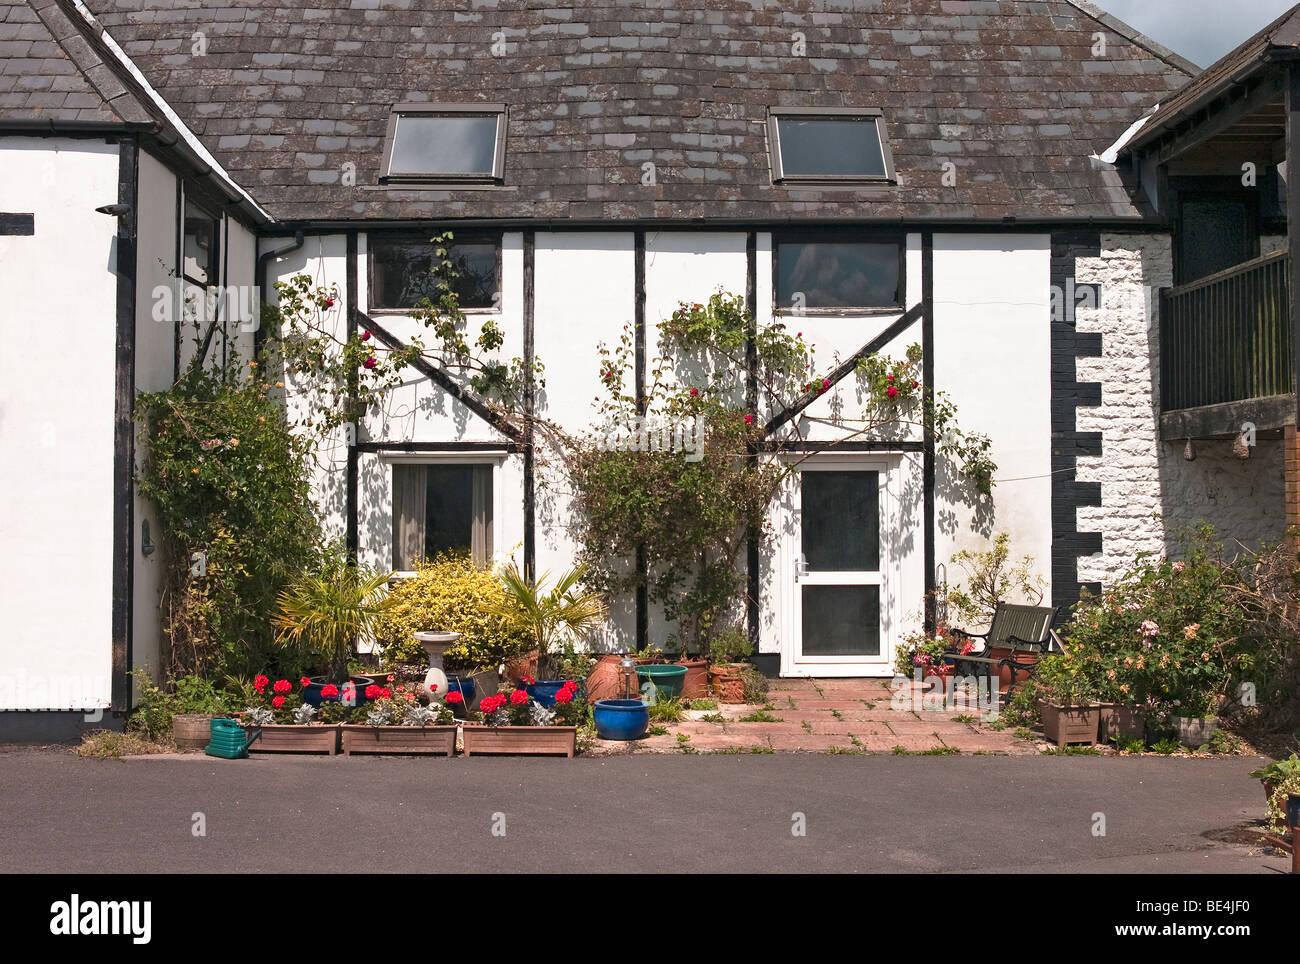 English Barn Conversion And Small Patio Garden